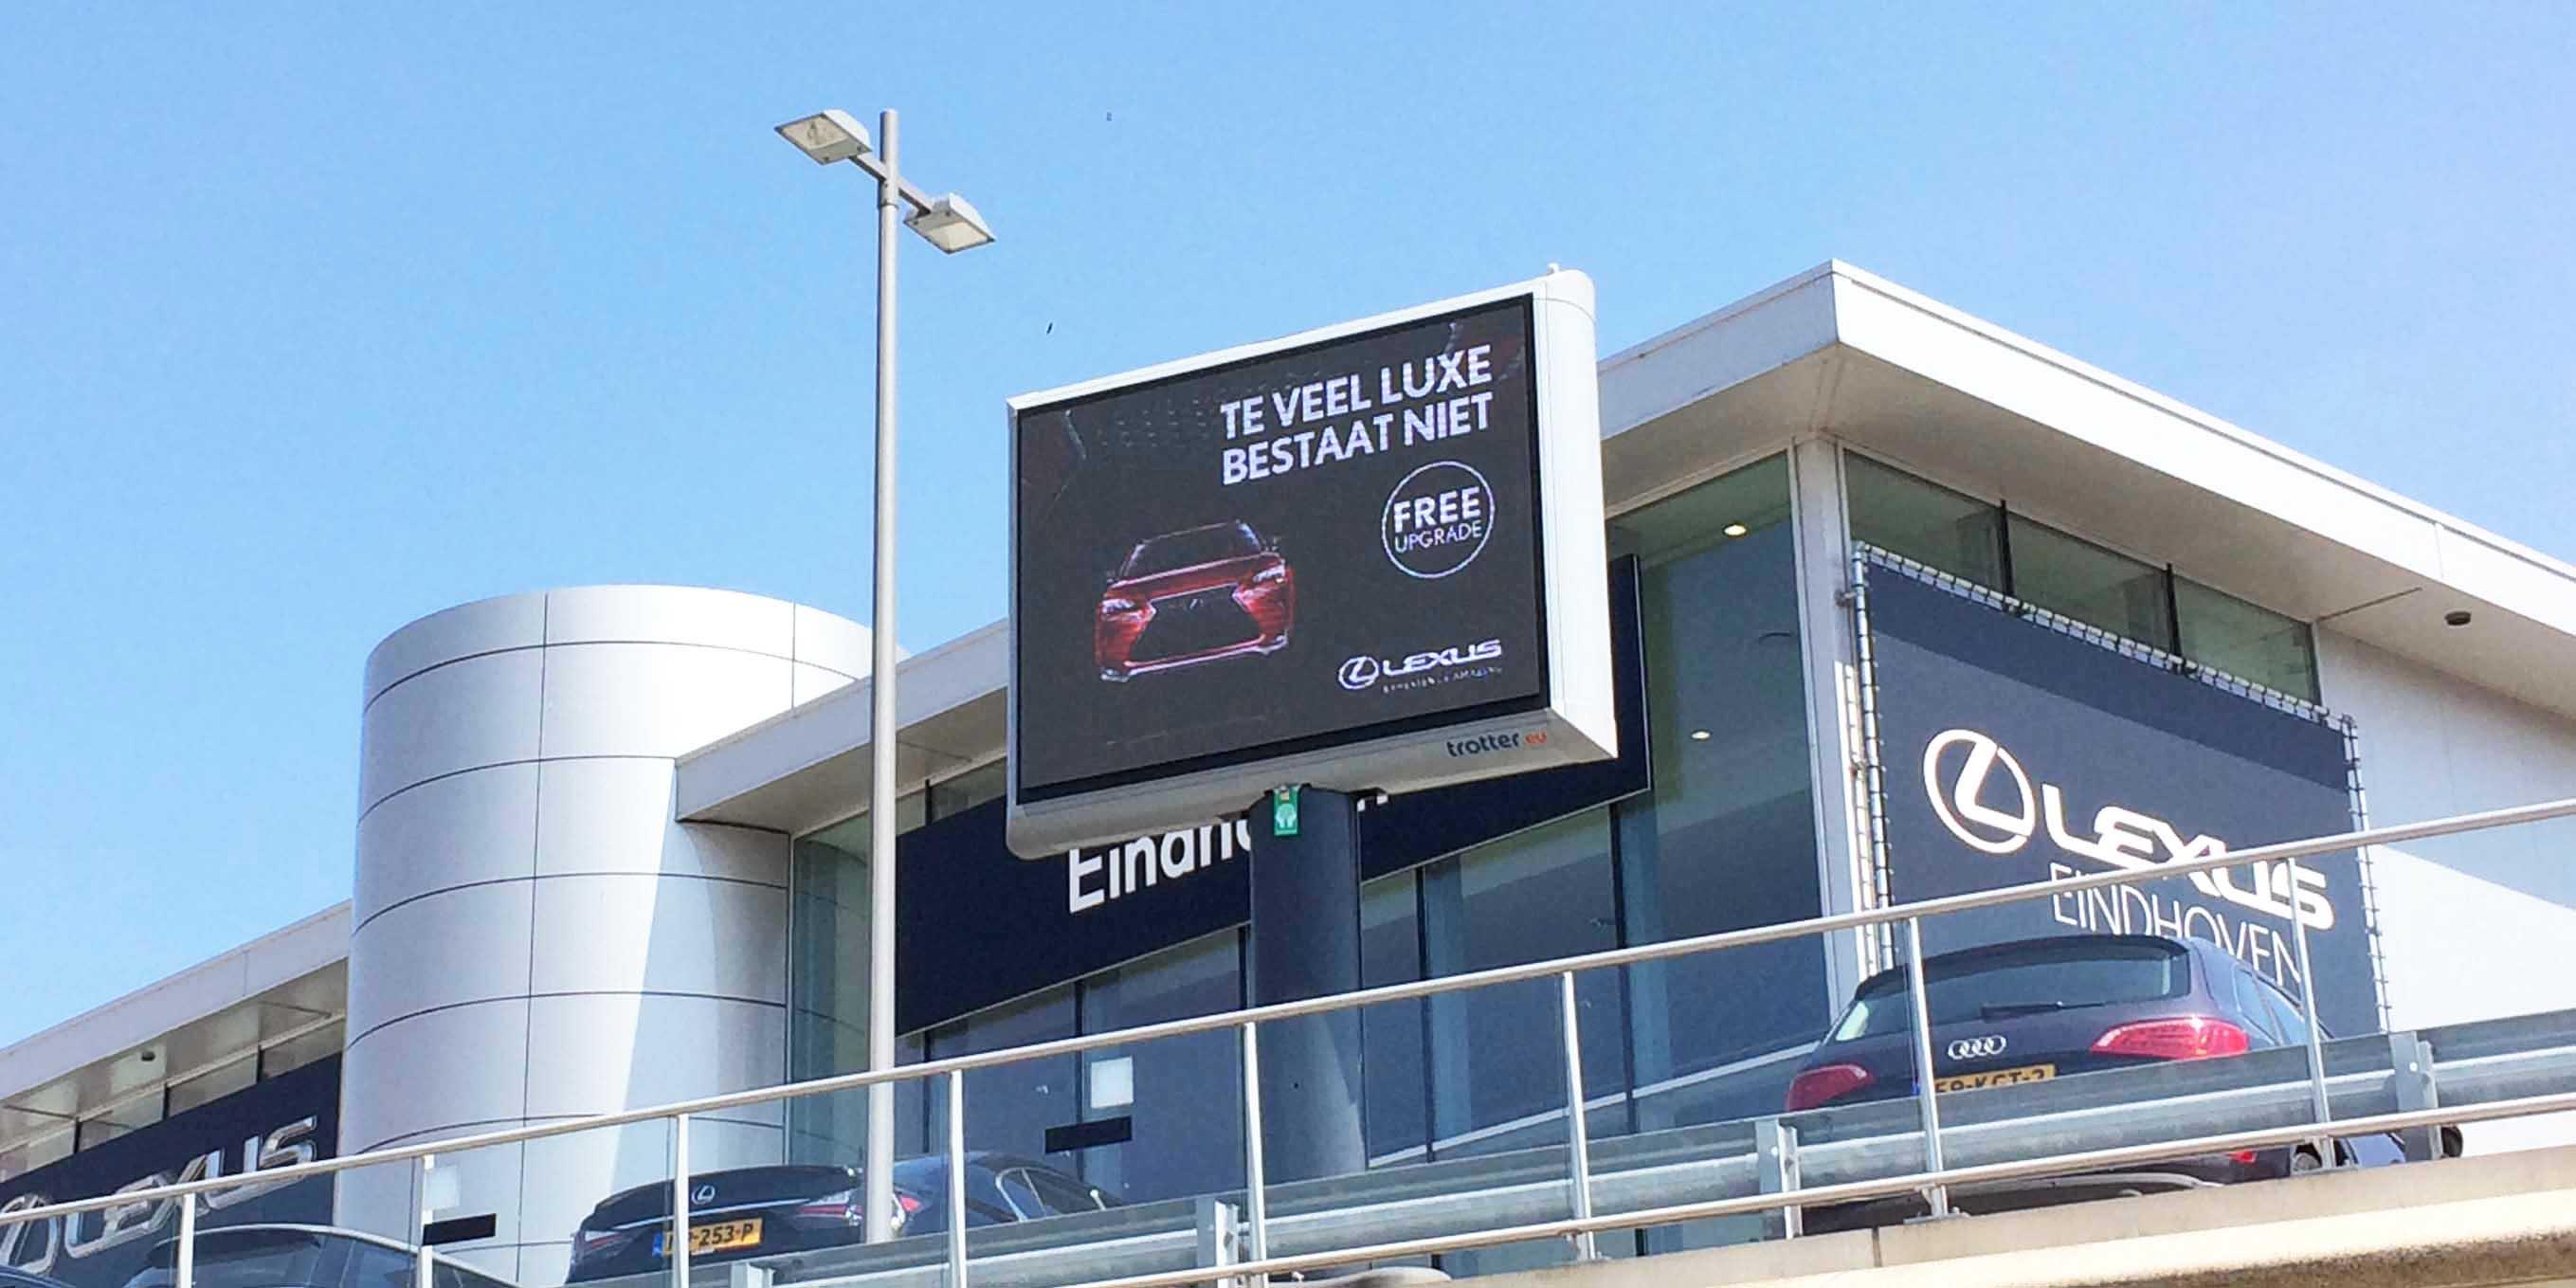 LED Trotter billboards - buitenreclame -imagebuilding